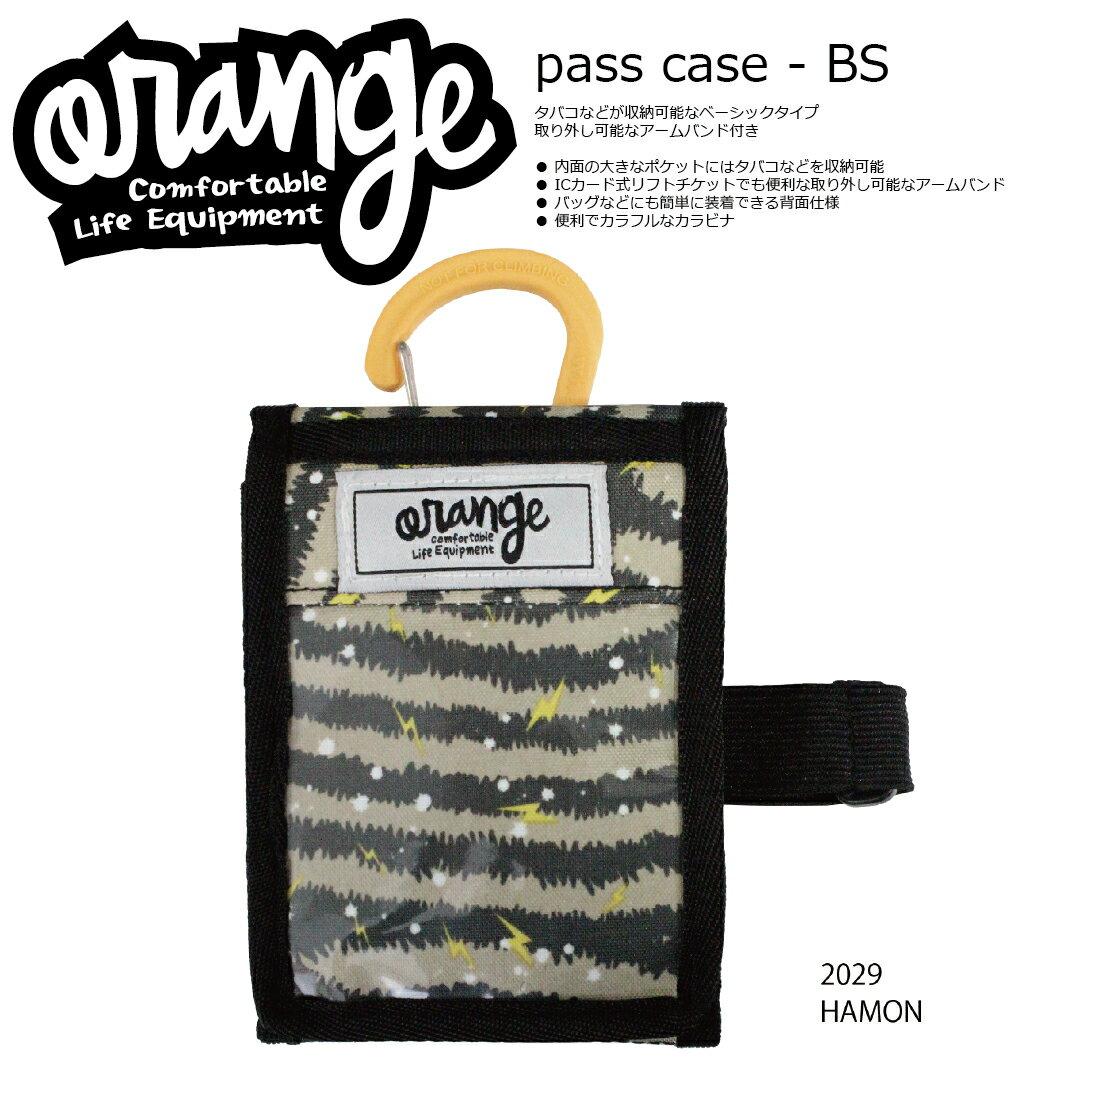 Oran'ge Pass-Case BS カラビナ付 2029 HAMON オレンジ パスケース 縦タイプ ビーエス 収納ポケット付 2017 2017-18